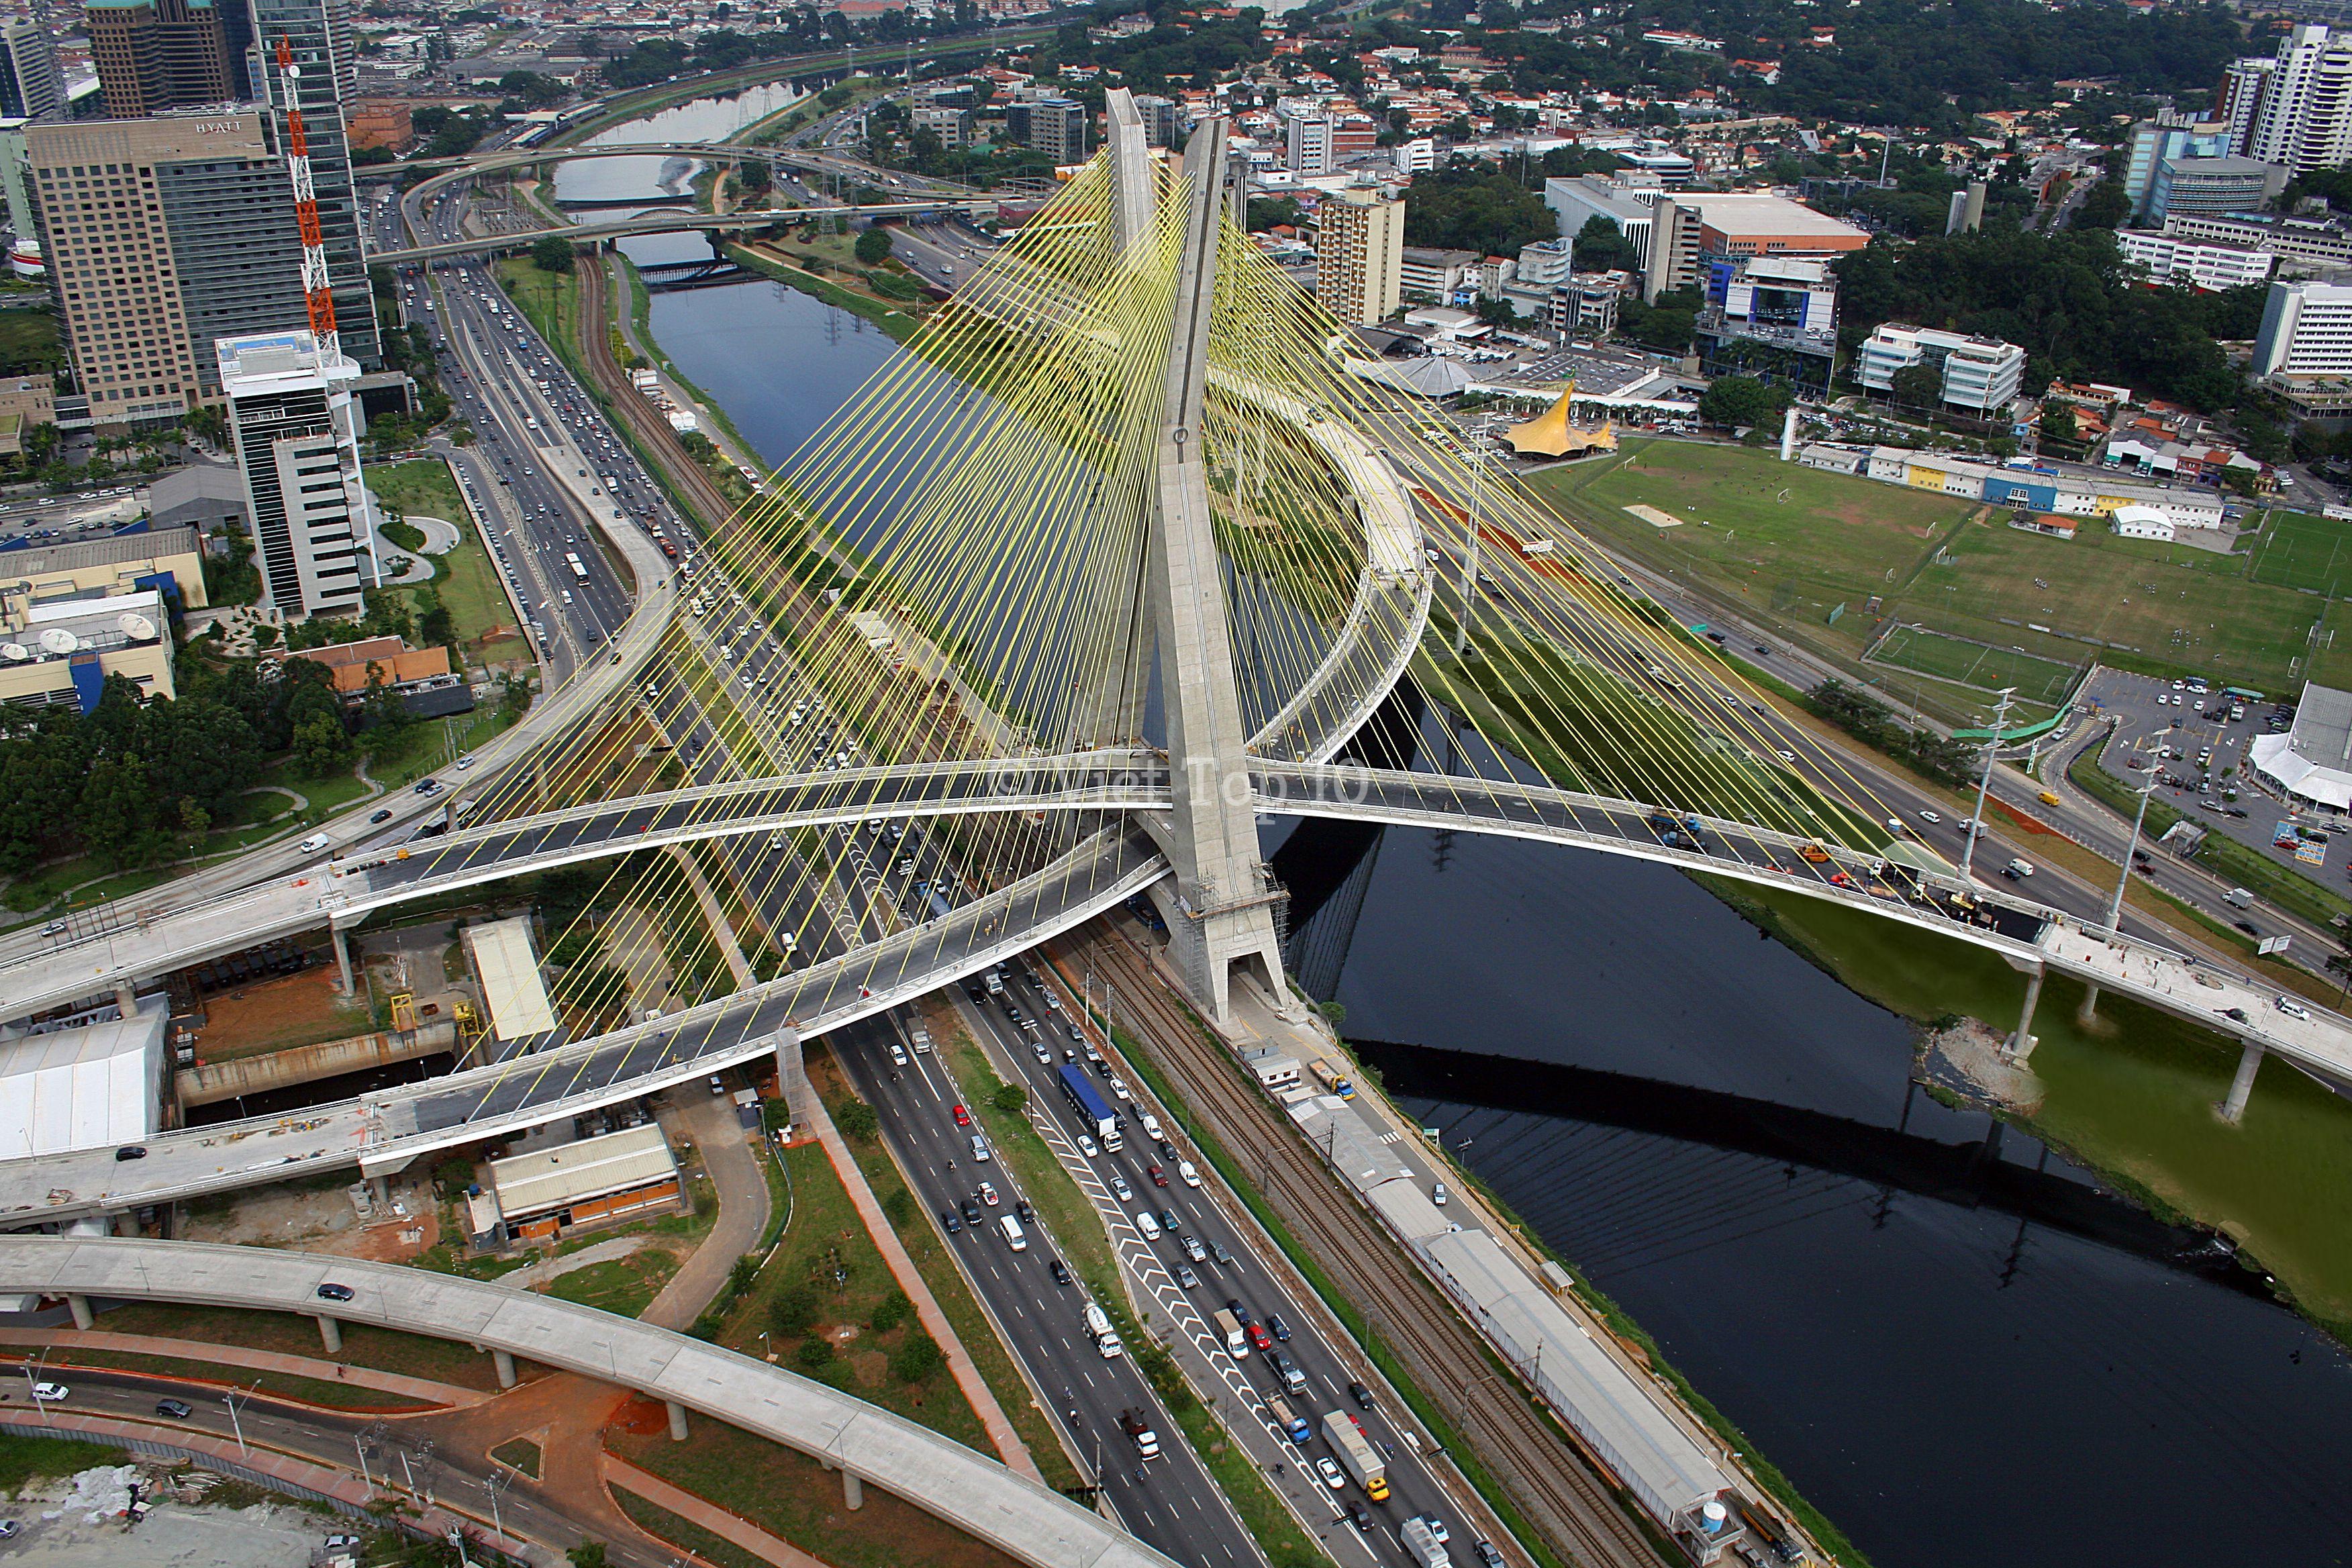 những cây cầu có thiết kế quái dị nhất trên thế giới - việt top 10 - việt top 10 net - viettop10